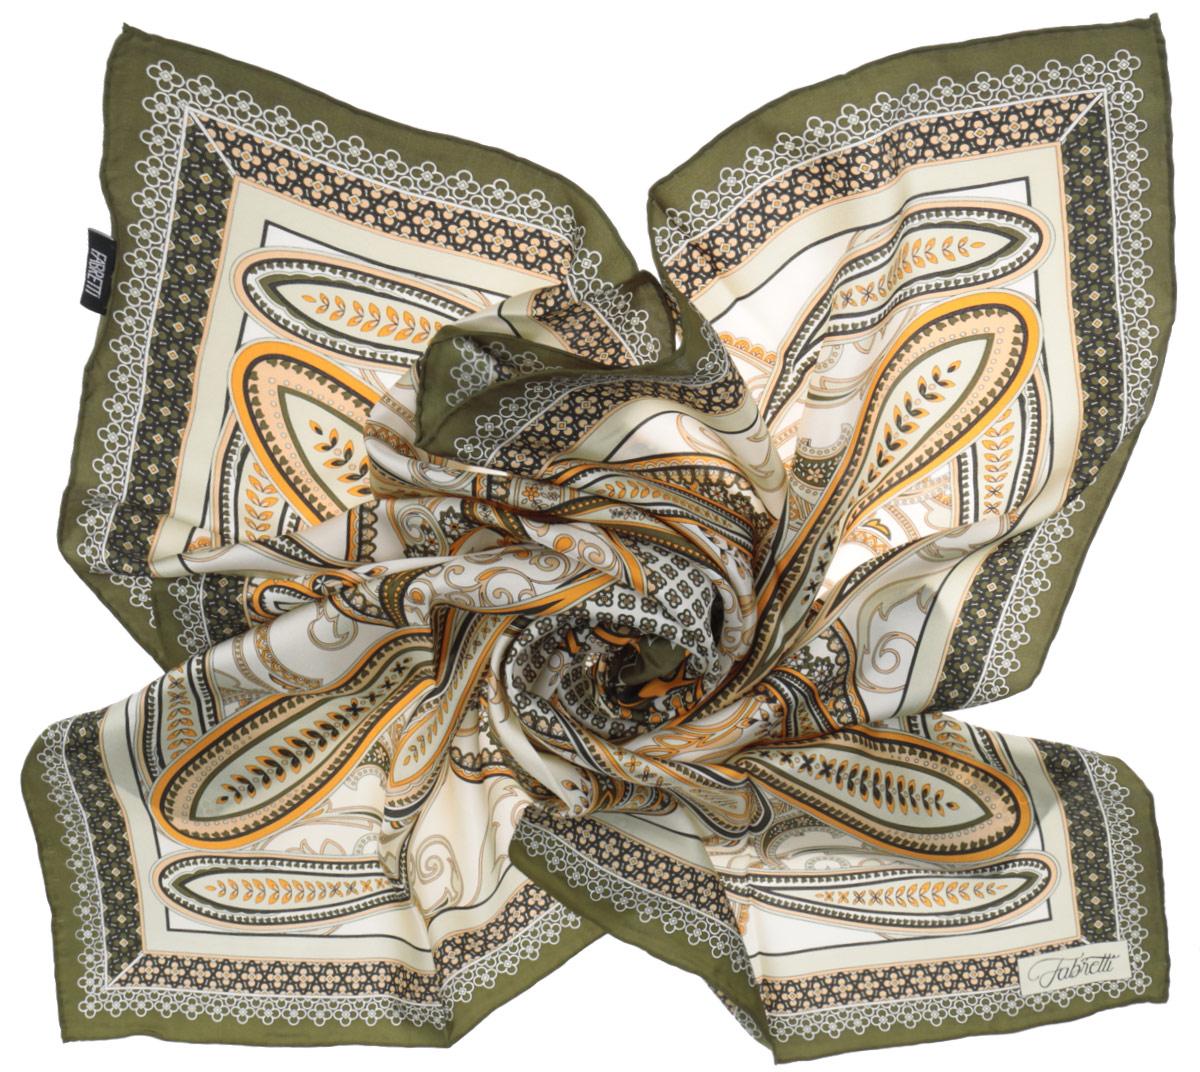 Платок женский Fabretti, цвет: хаки, молочный. CX1516-52-4. Размер 90 см х 90 смCX1516-52-4Стильный женский платок Fabretti станет великолепным завершением любого наряда. Платок изготовлен из высококачественного 100% шелка и оформлен изысканным этническим принтом в индийском стиле.Классическая квадратная форма позволяет носить платок на шее, украшать им прическу или декорировать сумочку. Мягкий и шелковистый платок поможет вам создать изысканный женственный образ, а также согреет в непогоду. Такой платок превосходно дополнит любой наряд и подчеркнет ваш неповторимый вкус и элегантность.